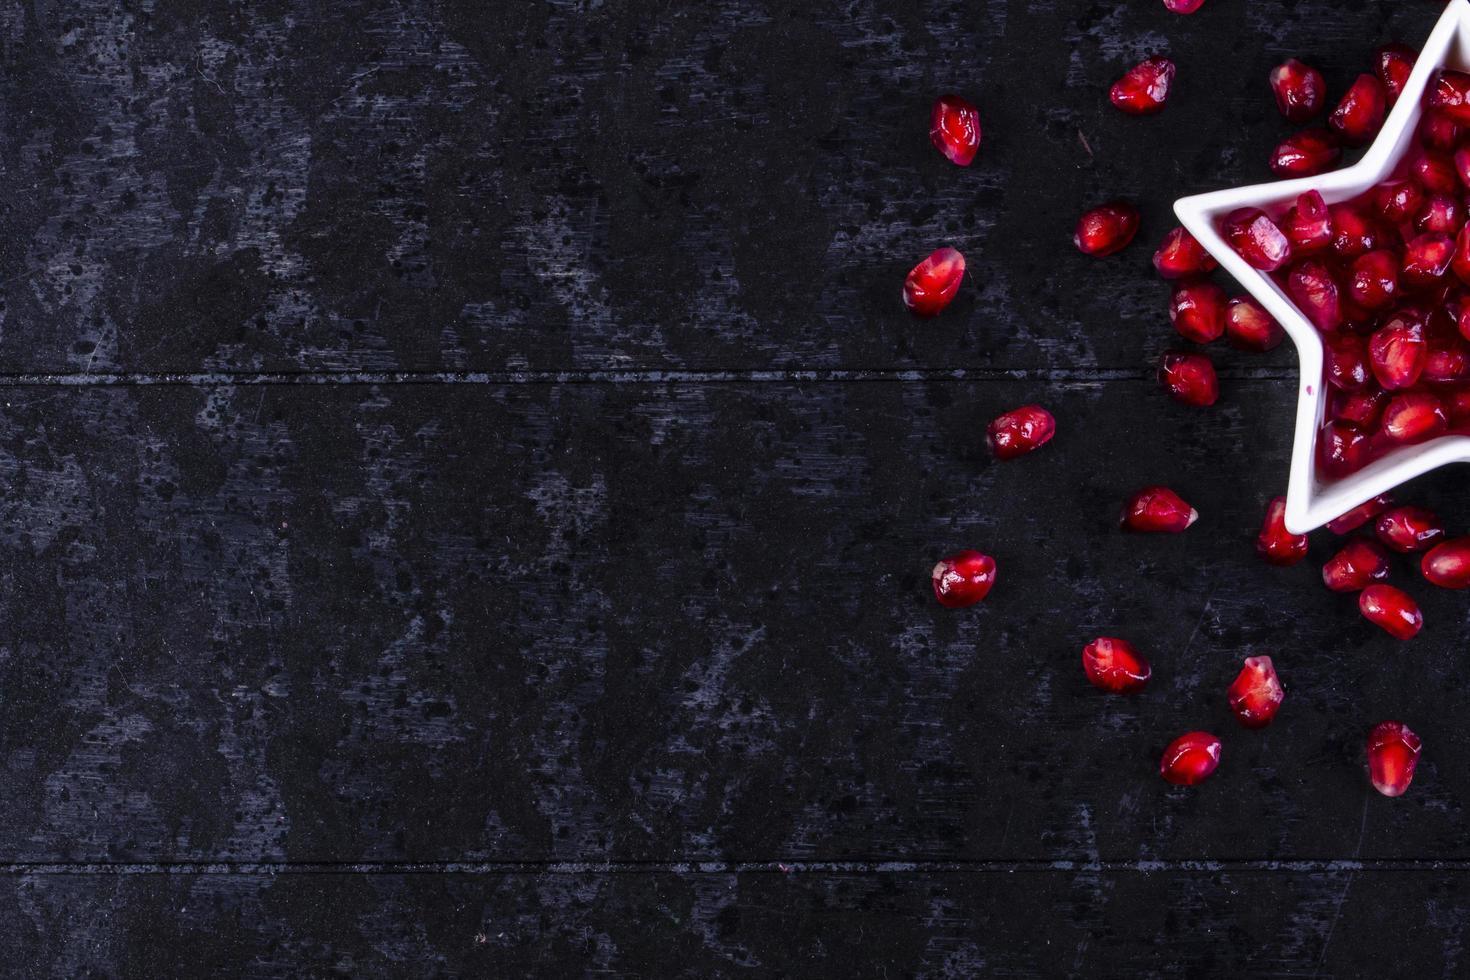 vista de cima da romã descascada foto